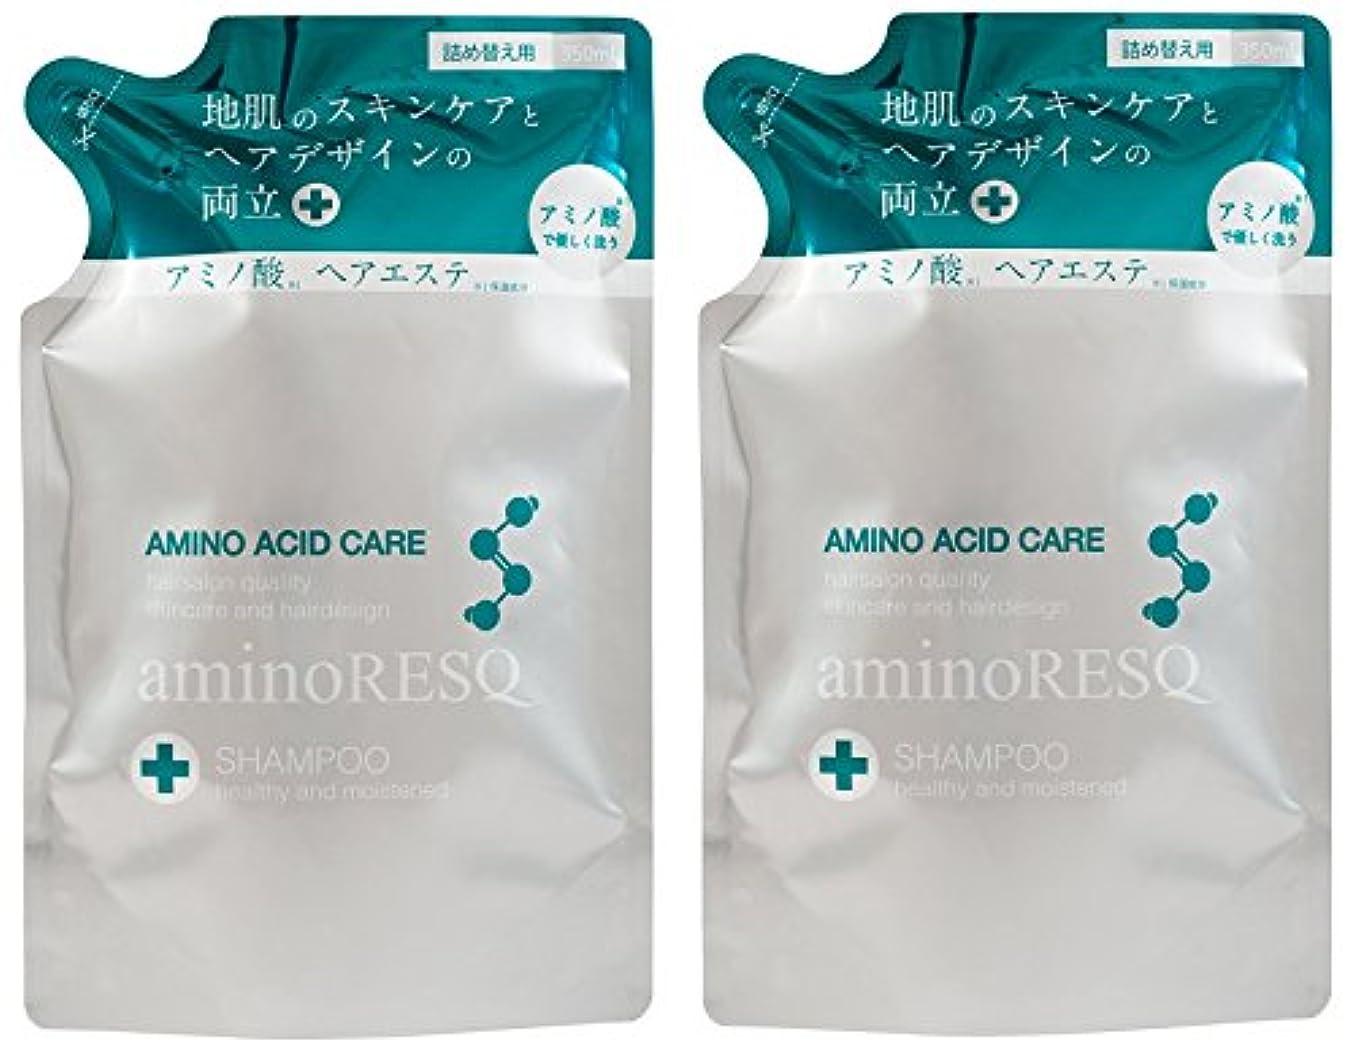 リー漂流アブストラクト【2個セット】aminoRESQ アミノレスキュー シャンプー詰替